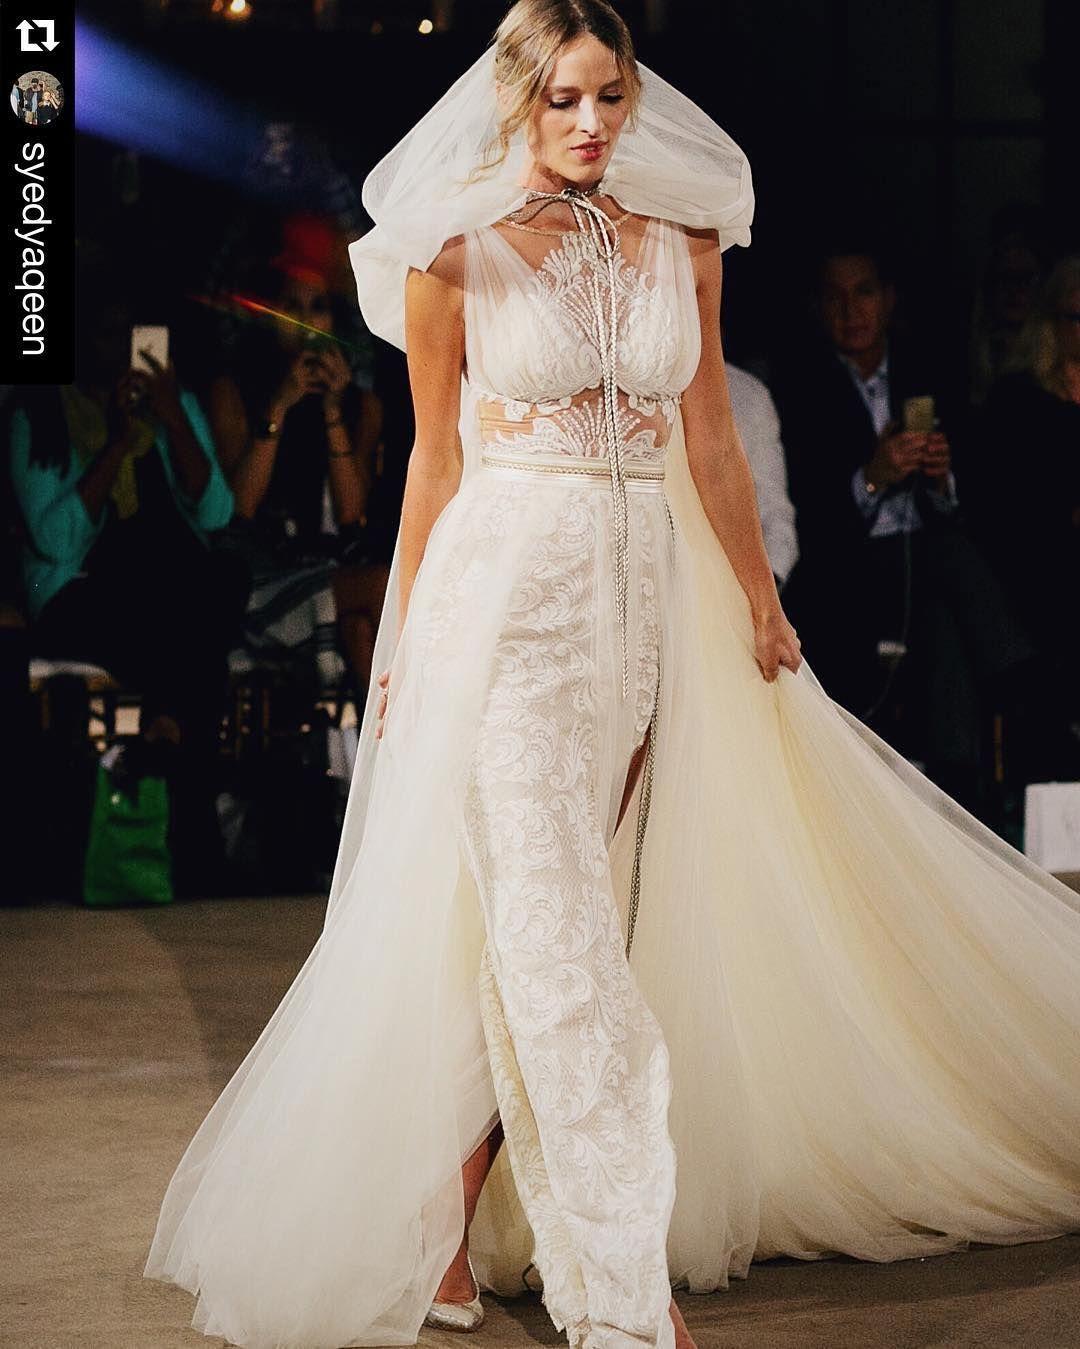 @galialahav at #NYBFW in @nypl  photographer @syedyaqeen #headpiece @millelacouture  #galialahav #millelacouture #galialahavbridal #bridalweek #bridalmarket #nybridalweek #bridalfashion   #synybfw   #fashionweek #fashion #bridalfashion #bridalblogger #fashionblogger #vsco by nybfw